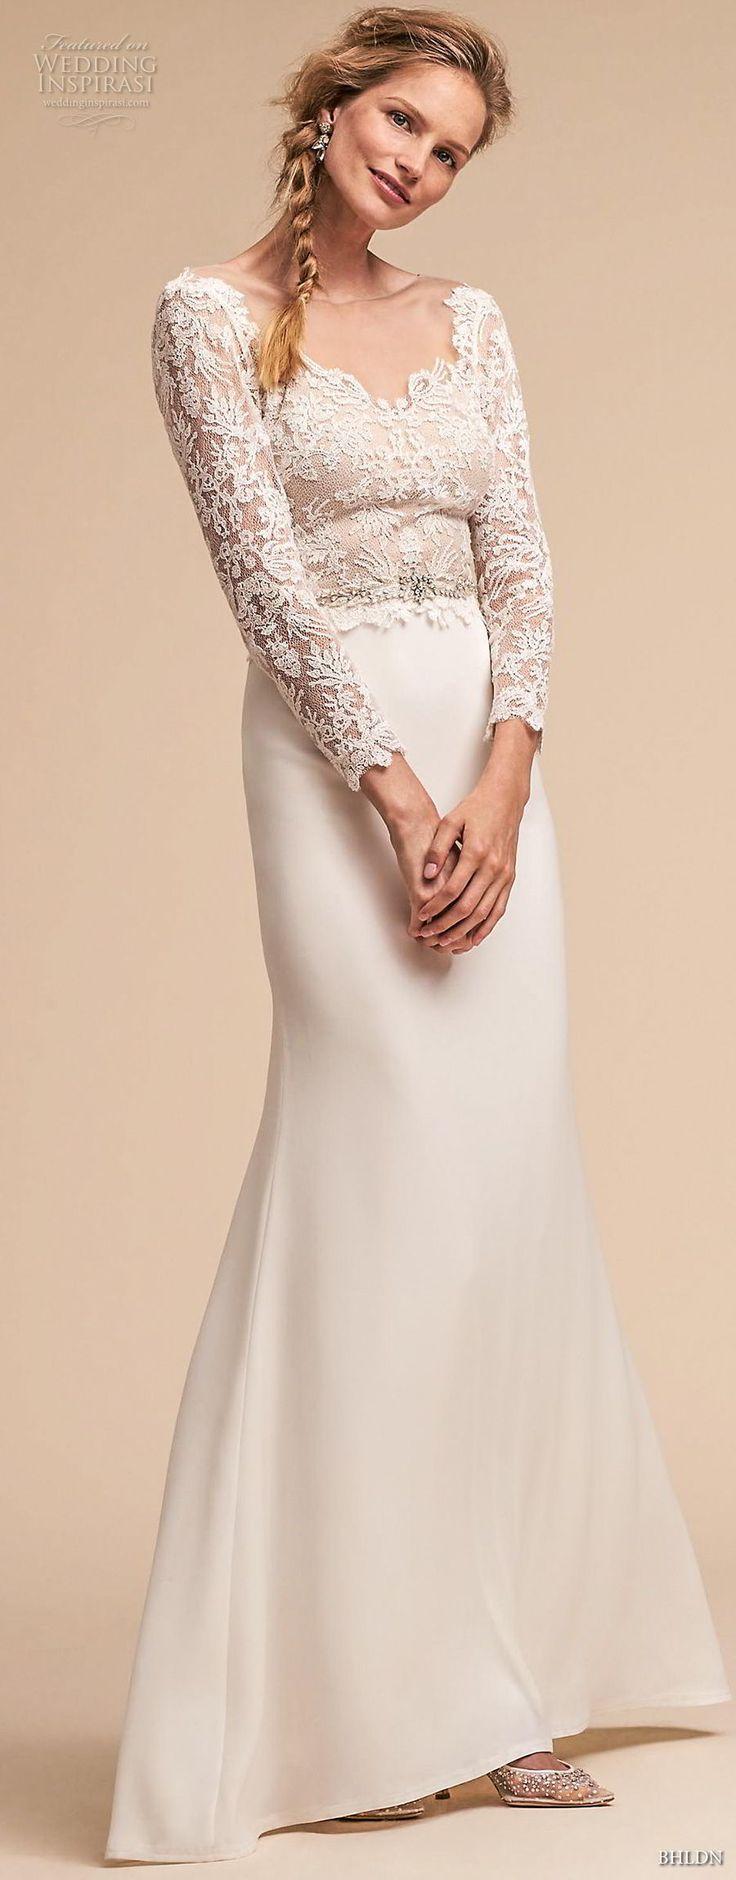 927 besten Hochzeit Bilder auf Pinterest | Braut einladungen ...